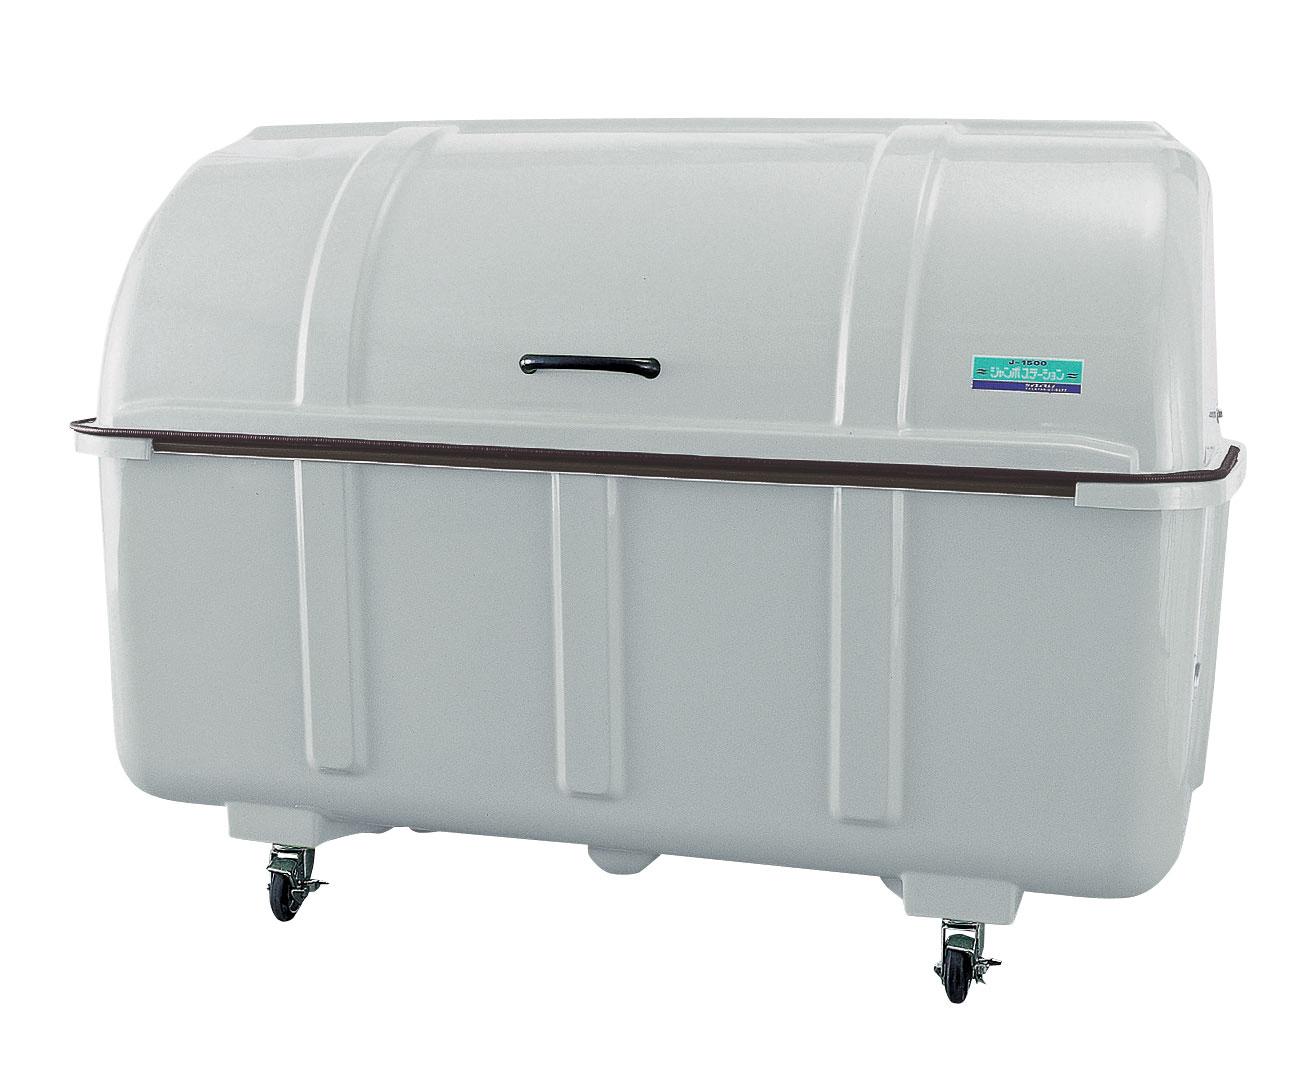 カイスイマレン ジャンボステーションJ1500C(キャスター付き)【容量1500L 45Lゴミ袋33個相当 約22世帯 大型ゴミ箱 ゴミステーション FRP製 キャスター付き グレー】